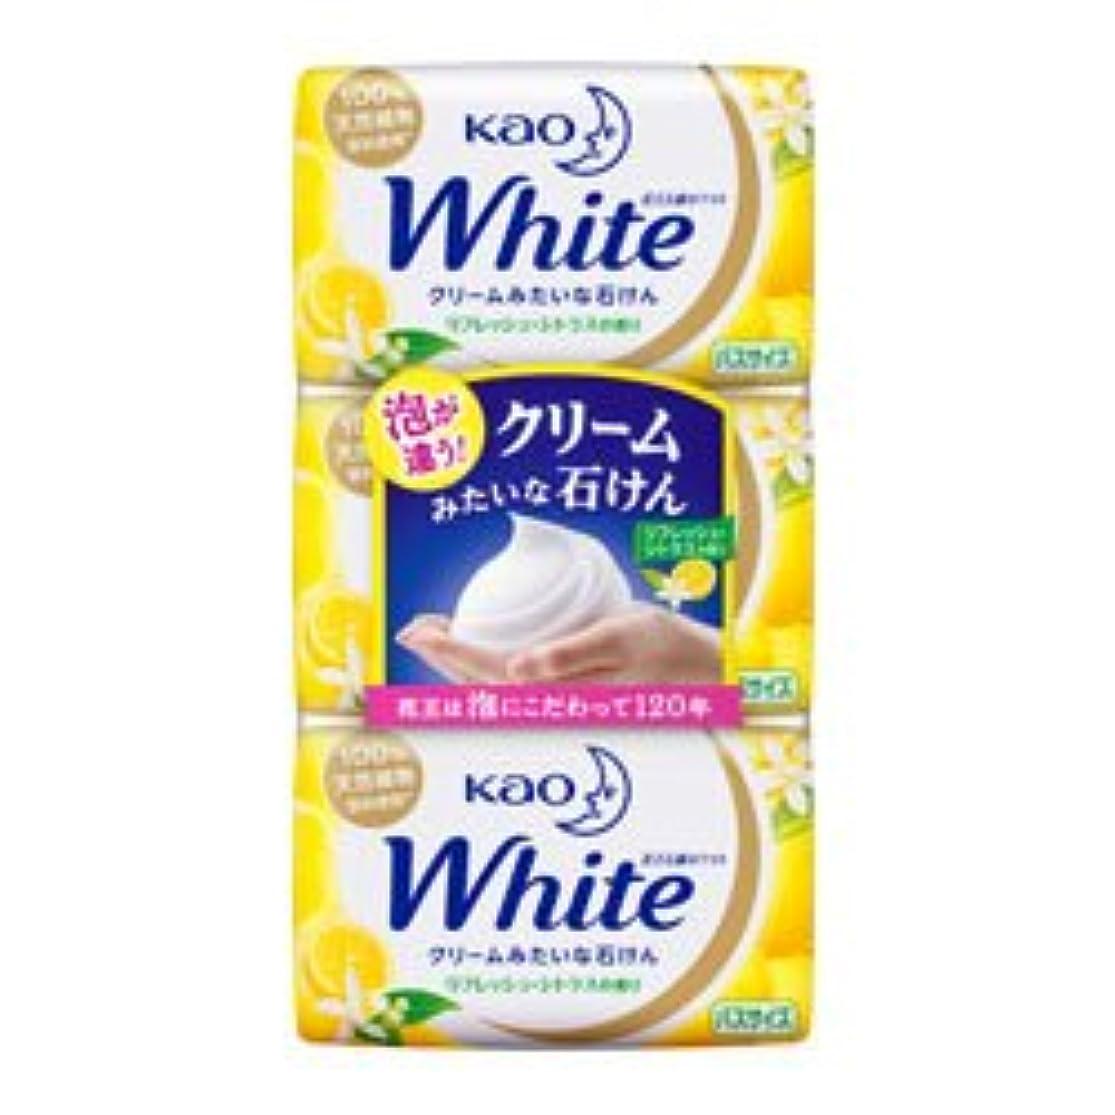 誰か滴下剃る【花王】ホワイト リフレッシュ?シトラスの香り バスサイズ 130g×3個入 ×20個セット